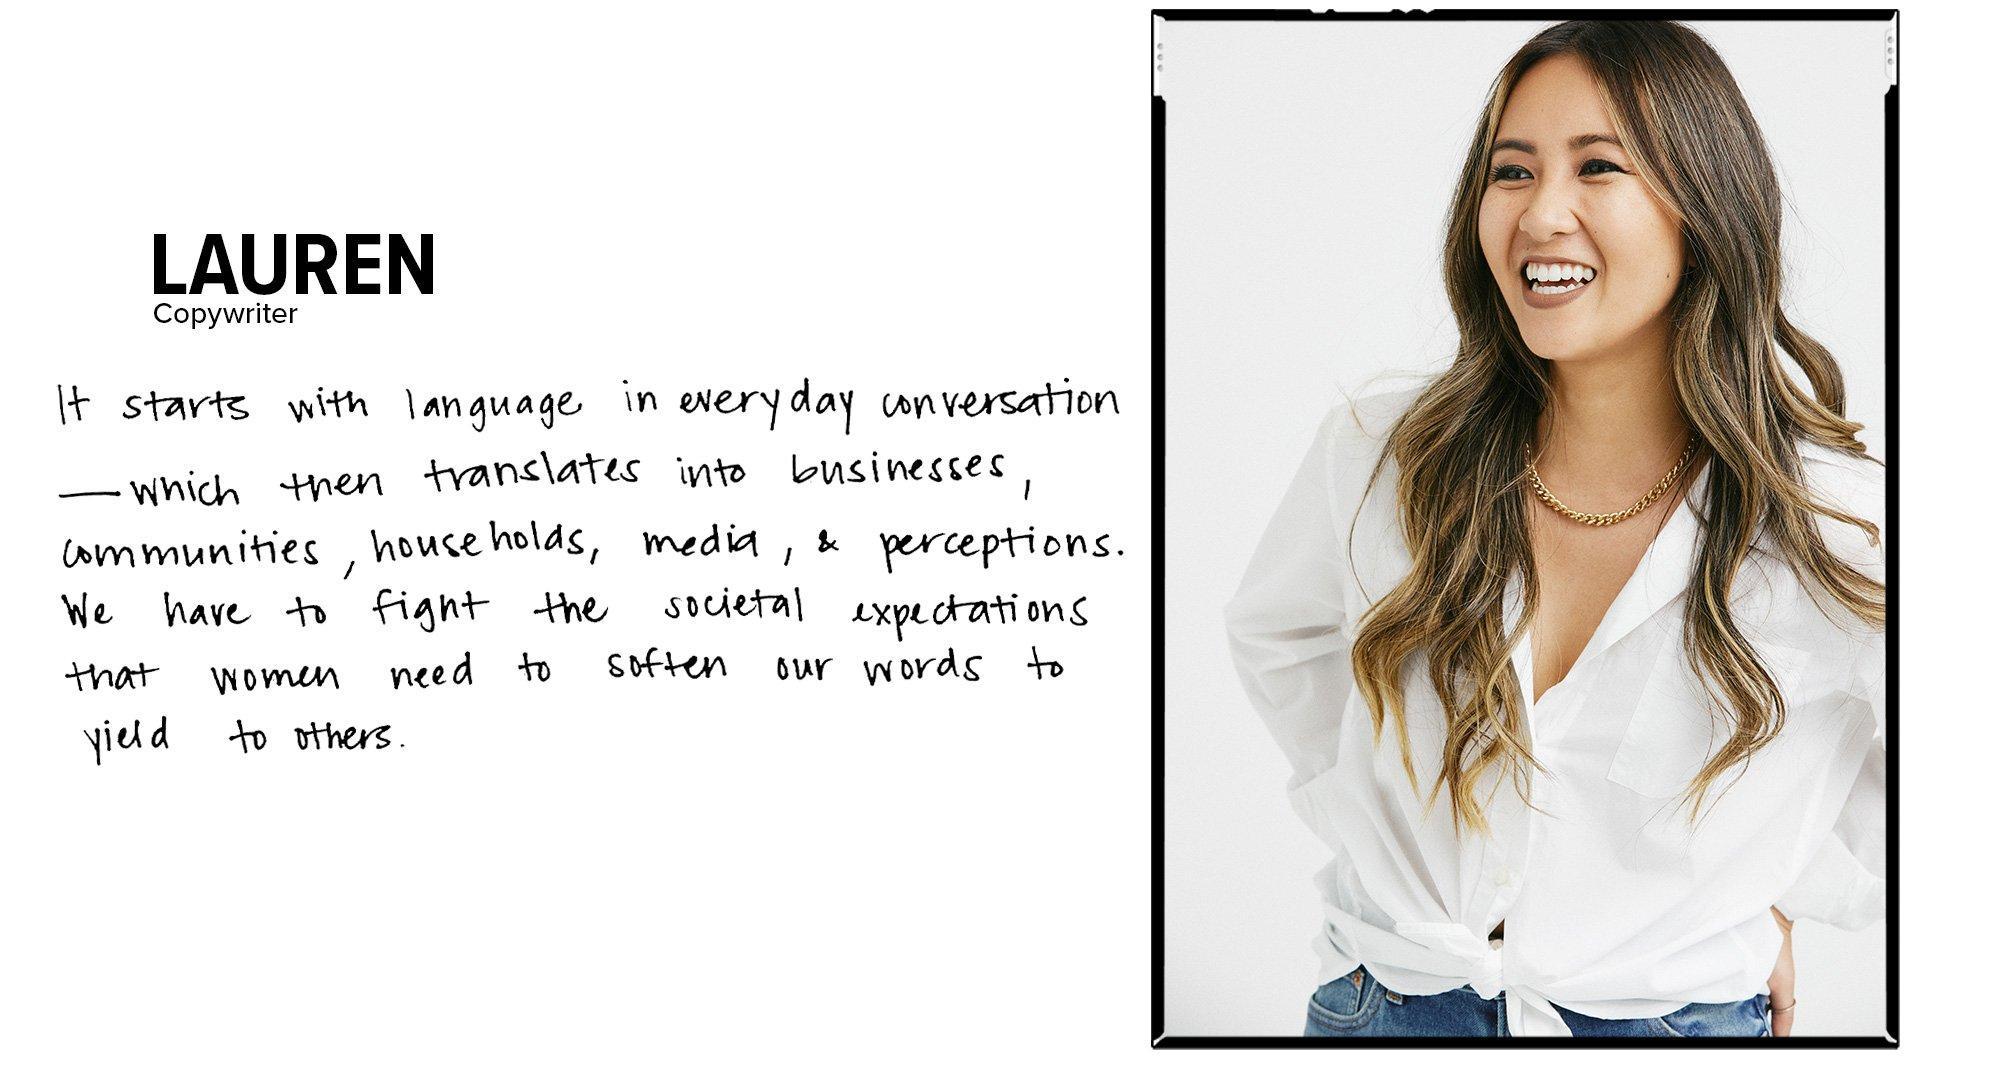 Lauren - Copy Writer